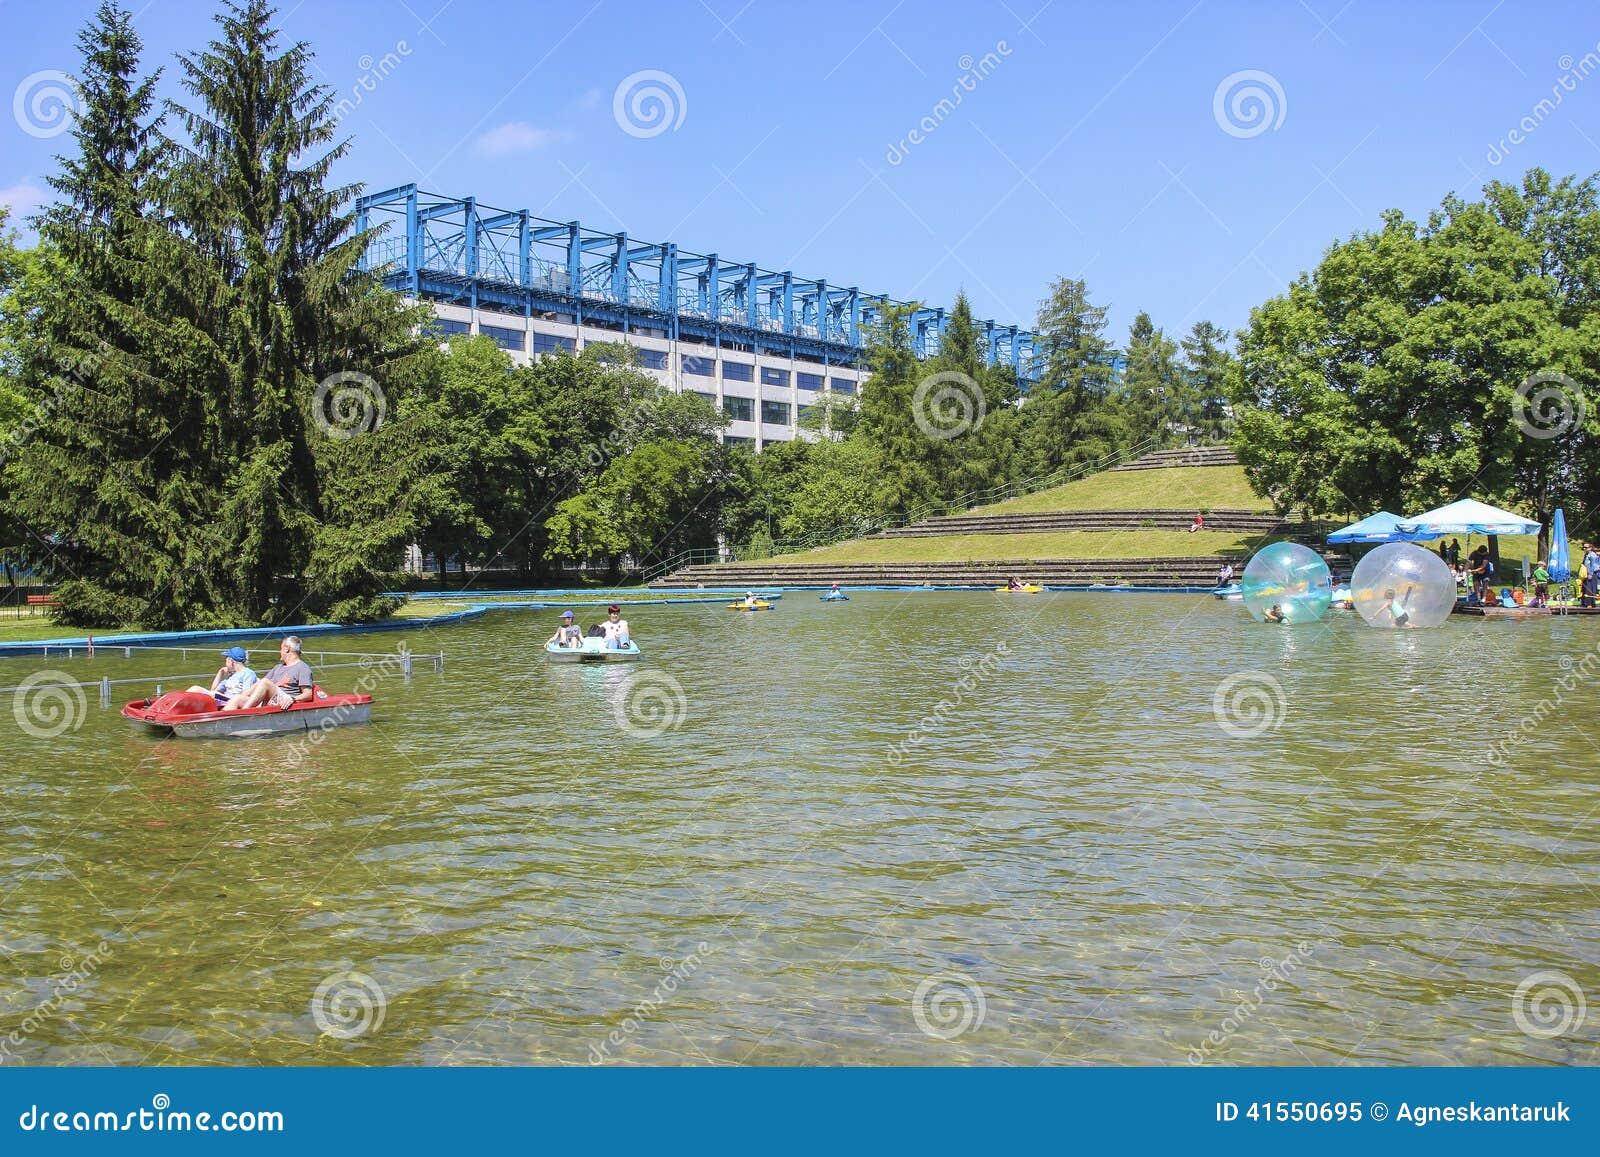 Park Als Tuin : Krakau polen jordan park ook als de tuin of het park dat van